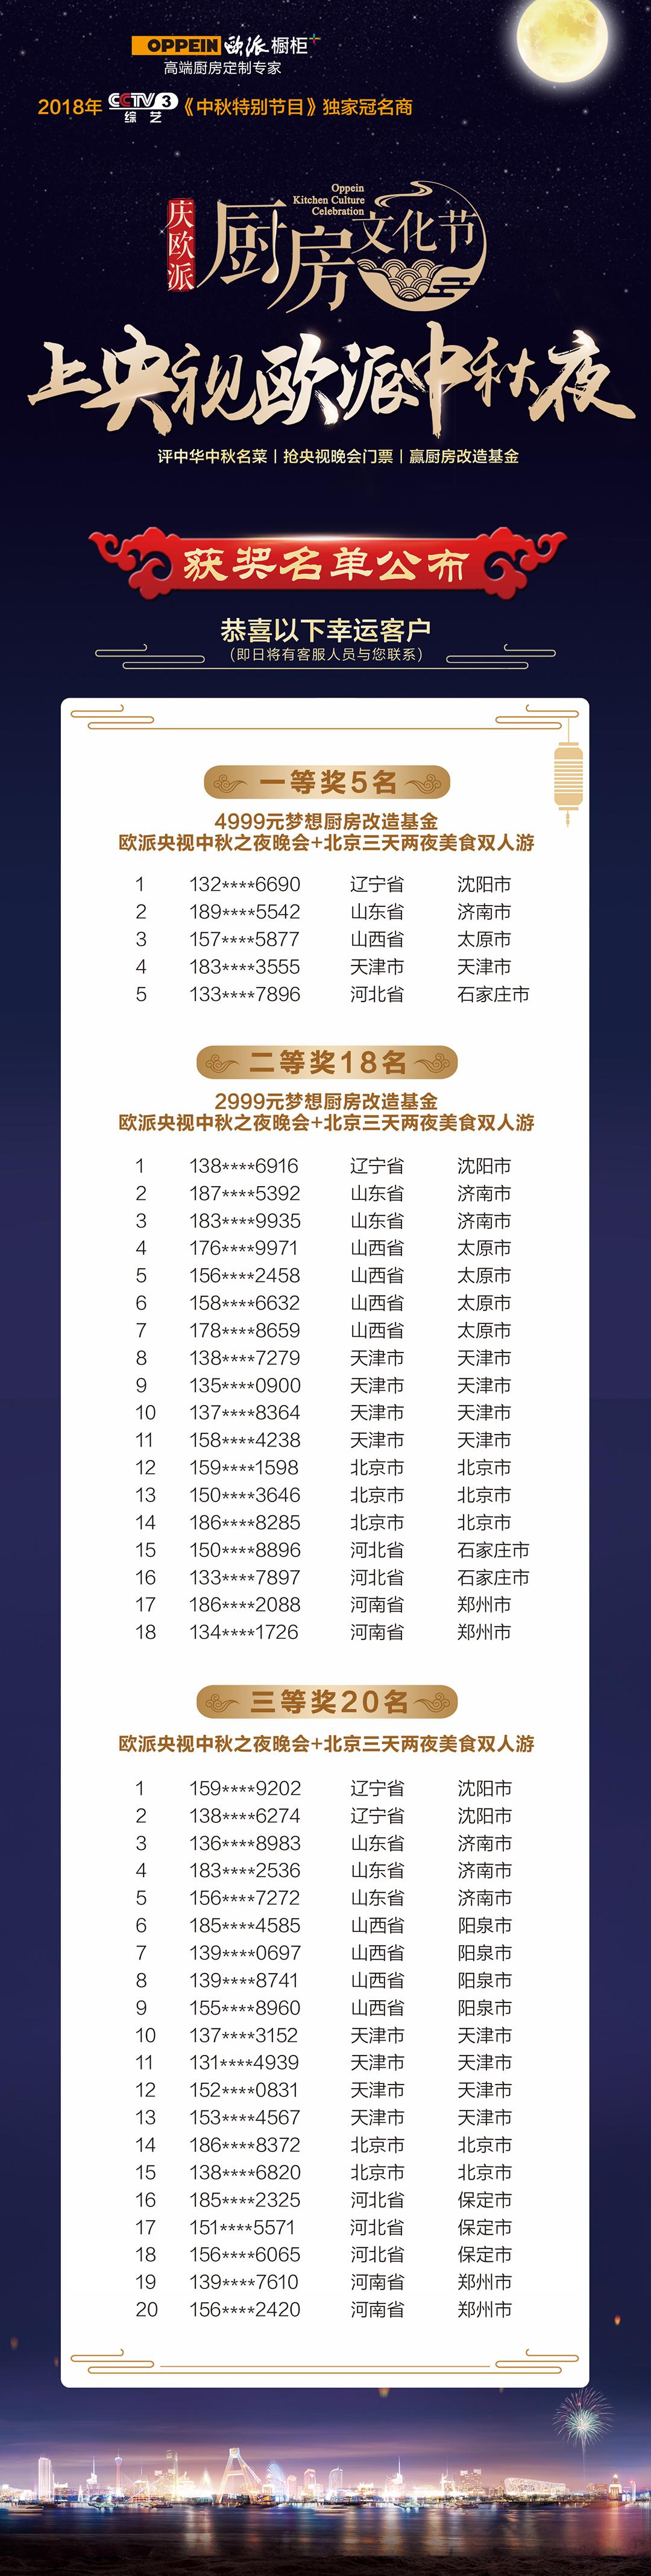 易胜博app-易胜博体育app下载-易胜博